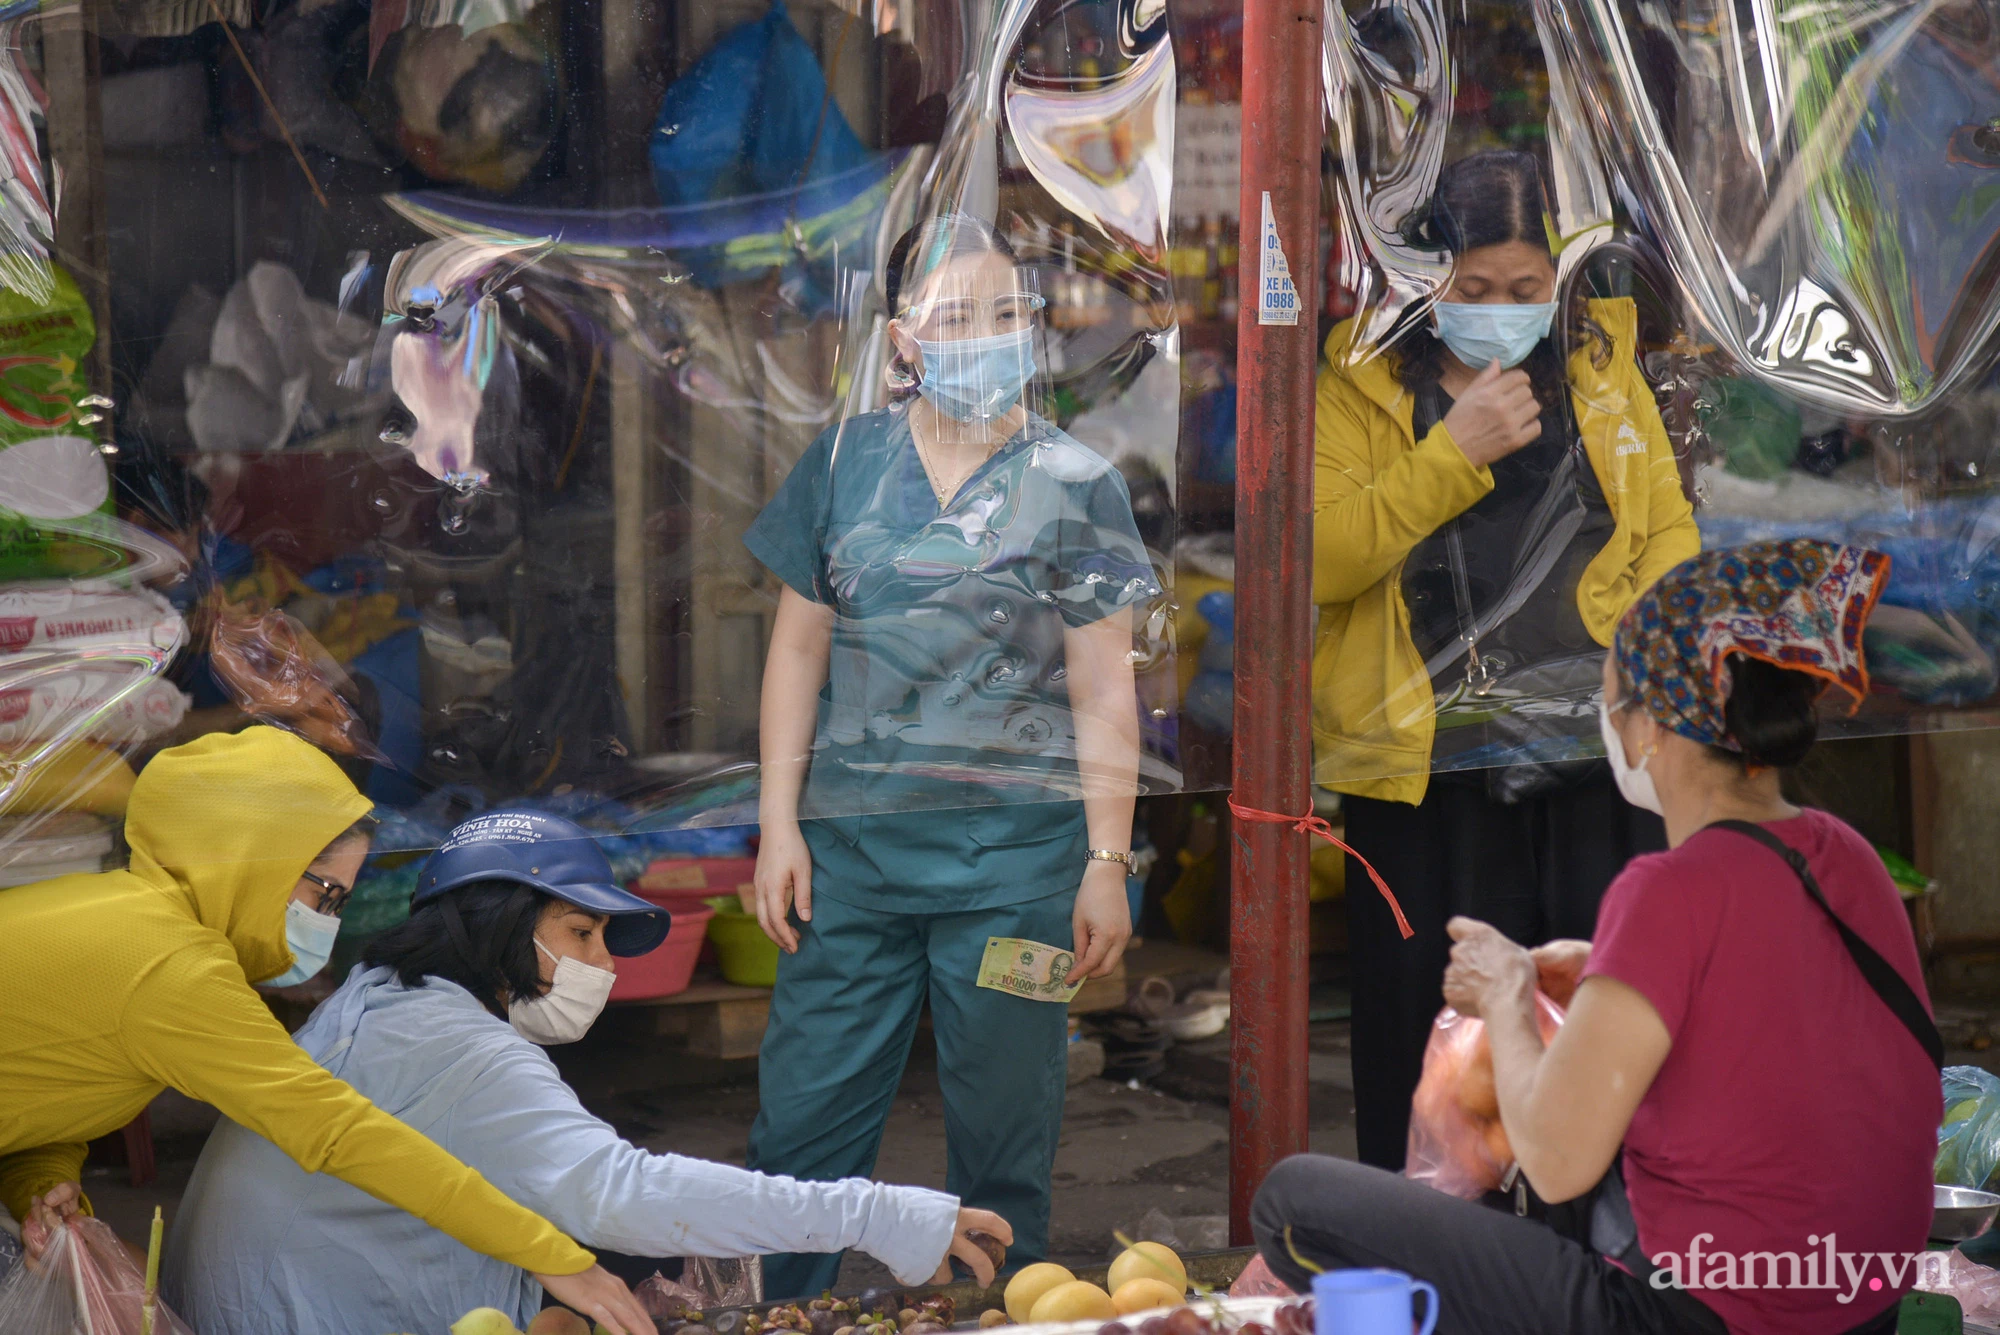 Ấn tượng với khu chợ dân sinh đầu tiên ở Hà Nội quây tấm nilon phòng dịch COVID-19, tiểu thương chia ca đứng bán theo ngày chẵn, lẻ - Ảnh 13.